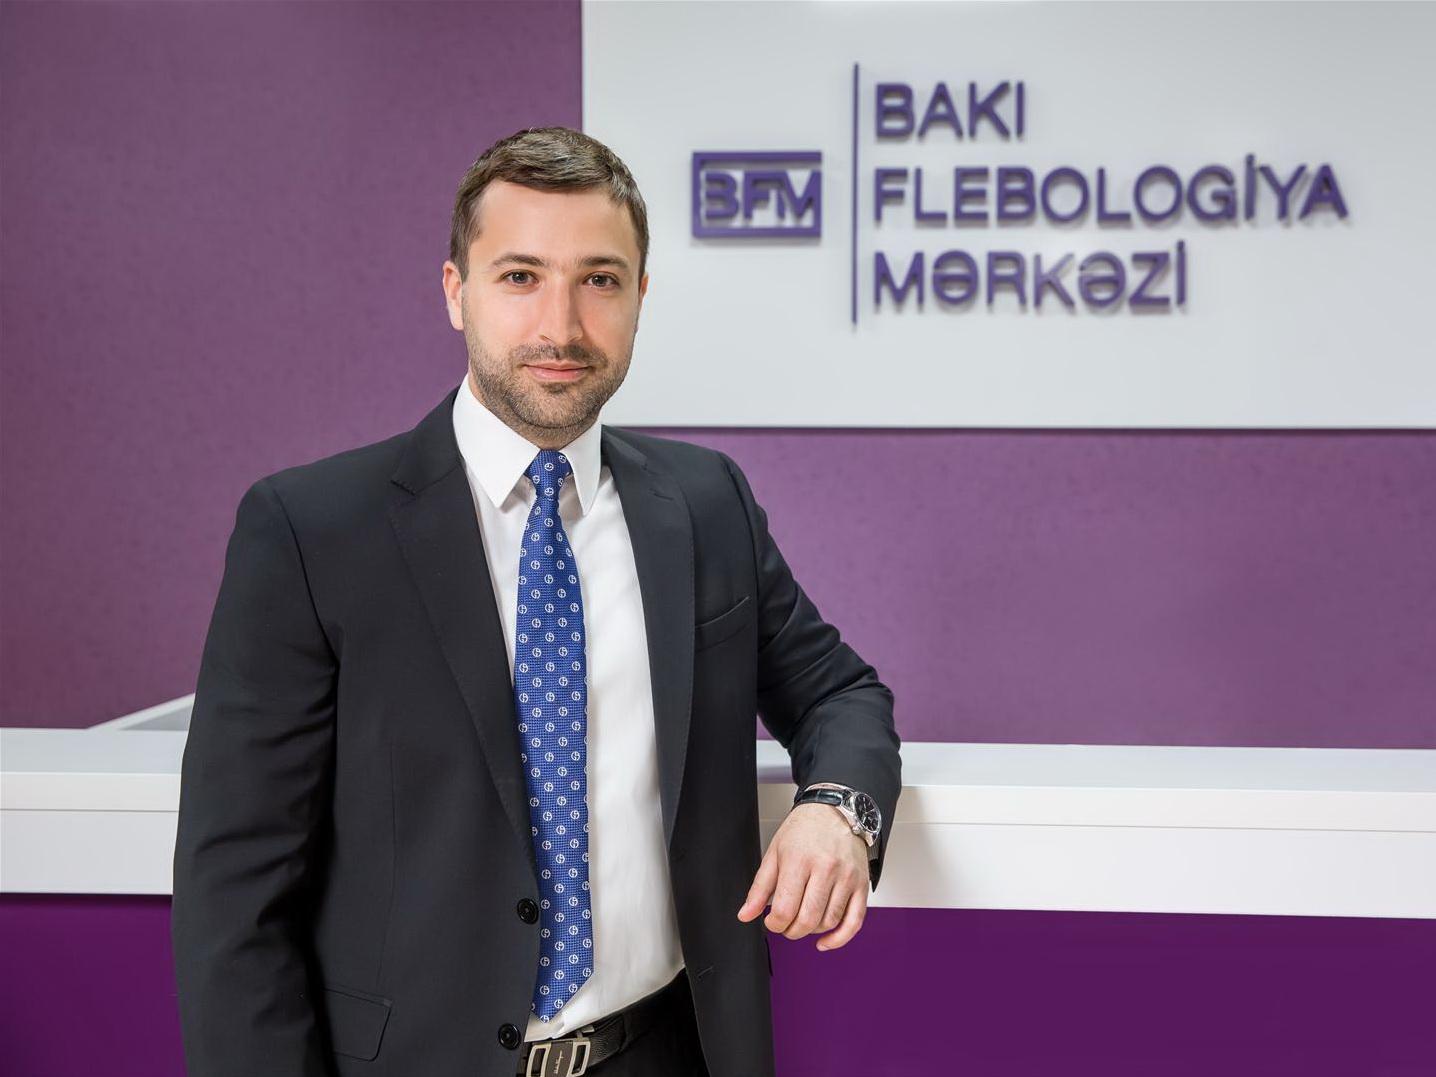 Как бороться с варикозным расширением вен: Инновационный метод лечения от Бакинского флебологического центра – ФОТО